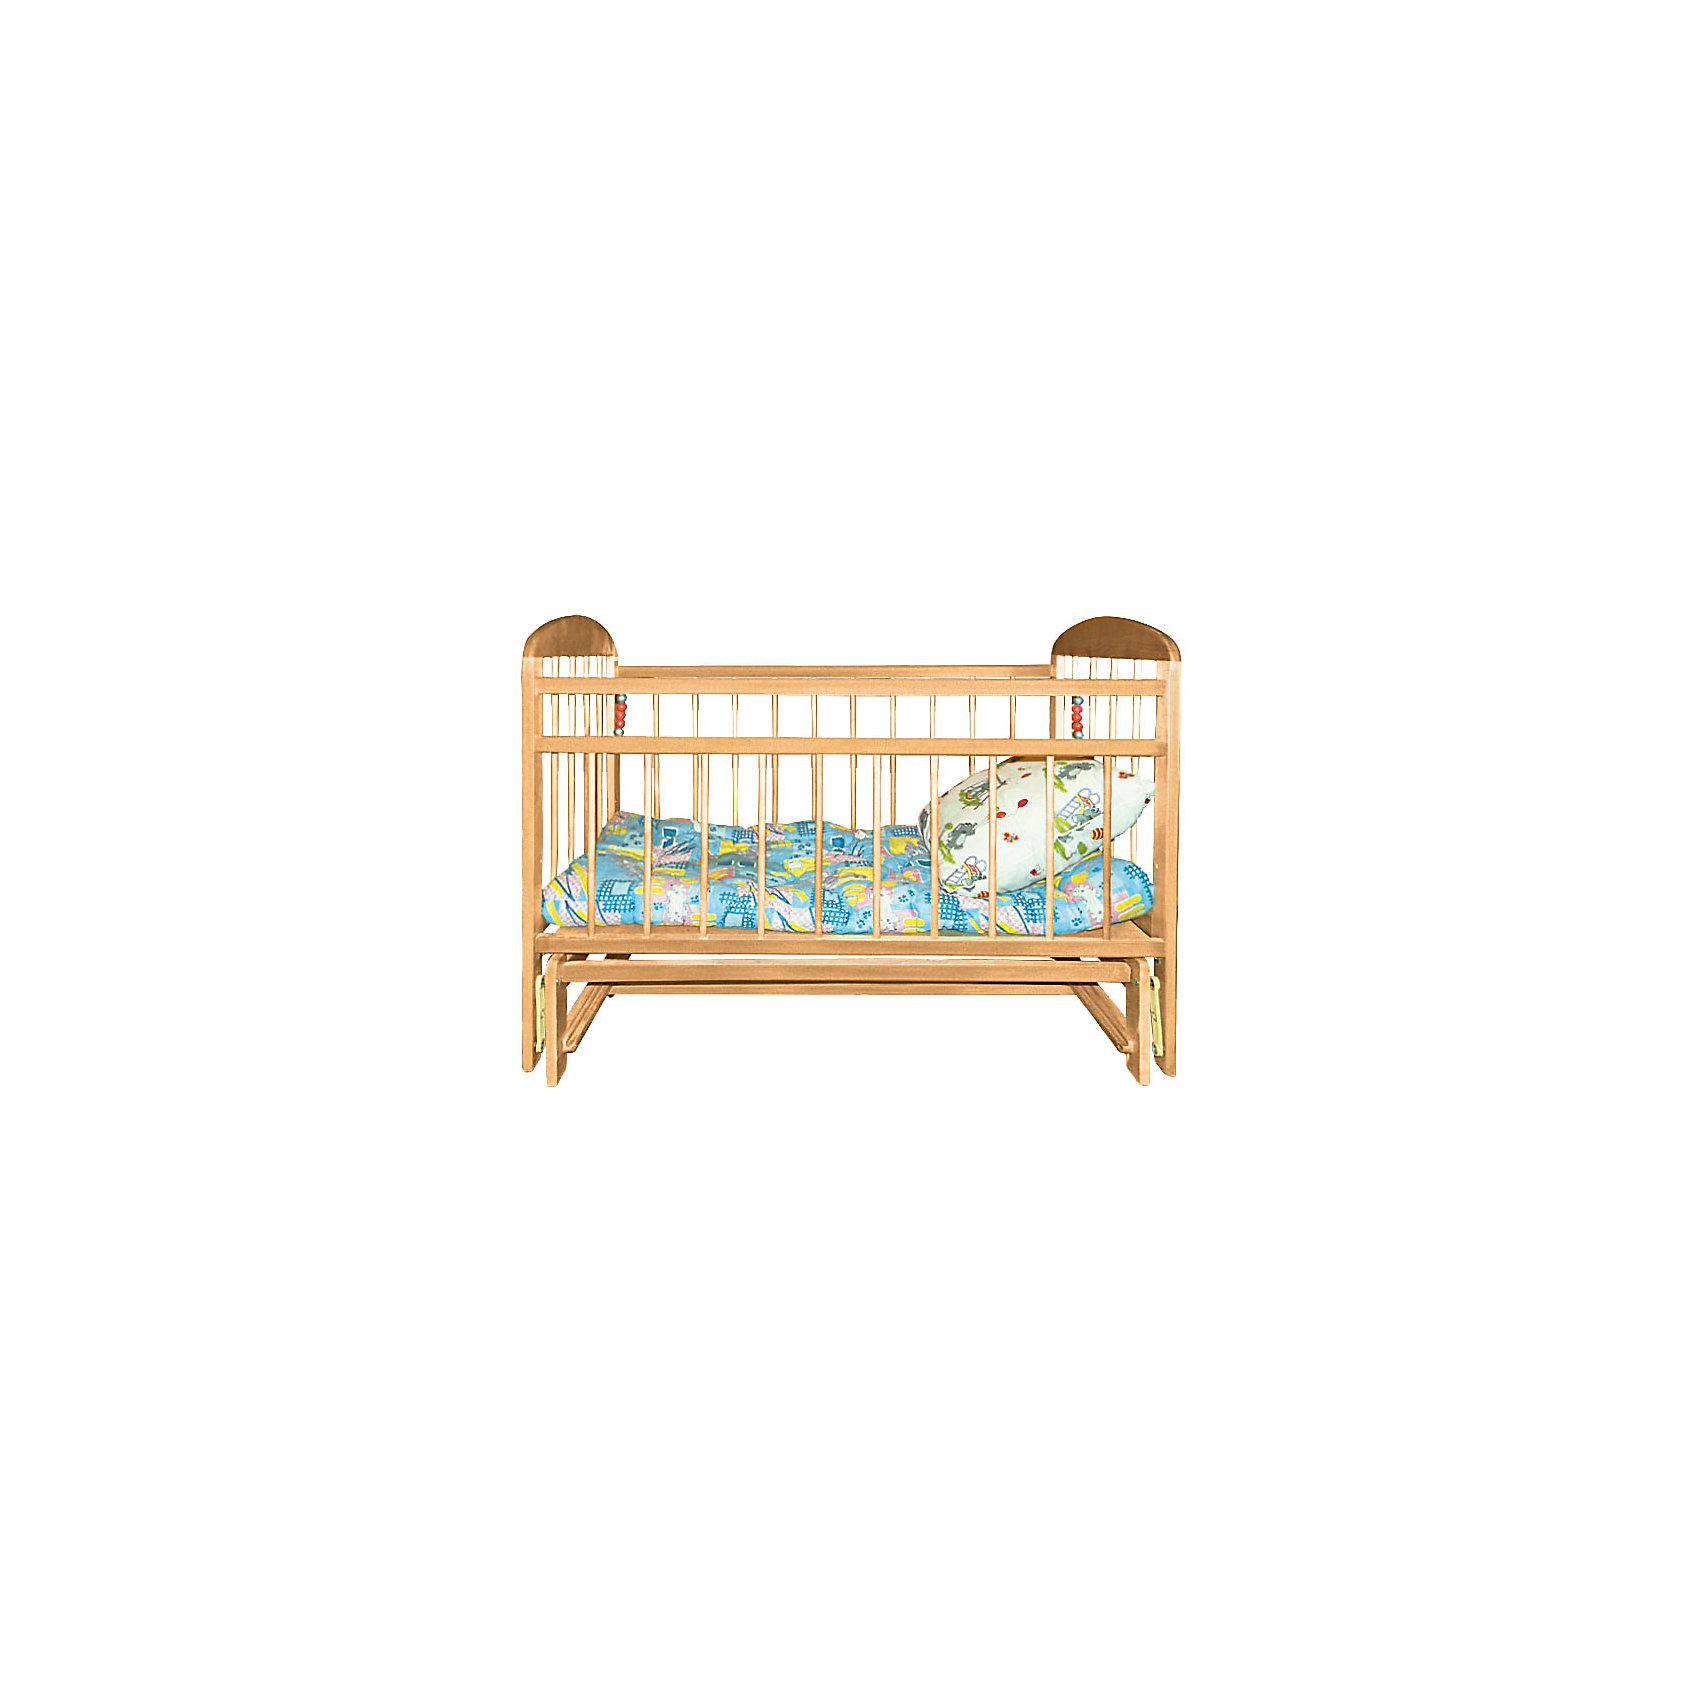 Кроватка с маятником Мишутка 11, светлаяКроватка с маятником Мишутка 11, светлая.<br><br>Характеристики:<br><br>- Размер: 120x60 см.<br>- Материал: массив березы<br>- Покрытие: лак<br>- Цвет: светлый<br>- Вес: 21 кг.<br><br>Детская кроватка «Мишутка 11» предназначена для малышей с рождения до 4-х лет. Кроватка оснащена поперечно-продольным маятниковым механизмом, что позволяет сделать процесс укачивания ребенка эффективным и максимально приближенным к реальным движениям при укачивании ребенка на руках мамы. Внутреннее пространство кроватки имеет стандартные размеры, что позволяет без труда подобрать матрас. Высота дна кроватки имеет два положения. Пока ребенок не научится вставать, для удобства ухода за малышом дно устанавливается ближе к верхней части кроватки. Когда ребенок сможет самостоятельно сидеть, для безопасности днище опускается ближе к основанию. Таким образом, можно не волноваться, что ребенок выберется из кроватки или упадет. Также безопасность обеспечивают реечные стенки. Они установлены на безопасном расстоянии друг от друга, так, что ребенок не сможет застрять или просунуть голову. У кроватки отсутствуют острые углы, что уменьшает риск получения травмы. Механизм опускания передней планки обеспечит удобный доступ к малышу. При необходимости переднюю стенку можно снять. Кроватка «Мишутка 11» выполнена из массива березы, покрыта абсолютно нетоксичным и безопасным для здоровья малышей лаком.<br><br>Кроватку с маятником Мишутка 11, светлую можно купить в нашем интернет-магазине.<br><br>Ширина мм: 1215<br>Глубина мм: 690<br>Высота мм: 150<br>Вес г: 18500<br>Возраст от месяцев: 0<br>Возраст до месяцев: 36<br>Пол: Унисекс<br>Возраст: Детский<br>SKU: 5228796